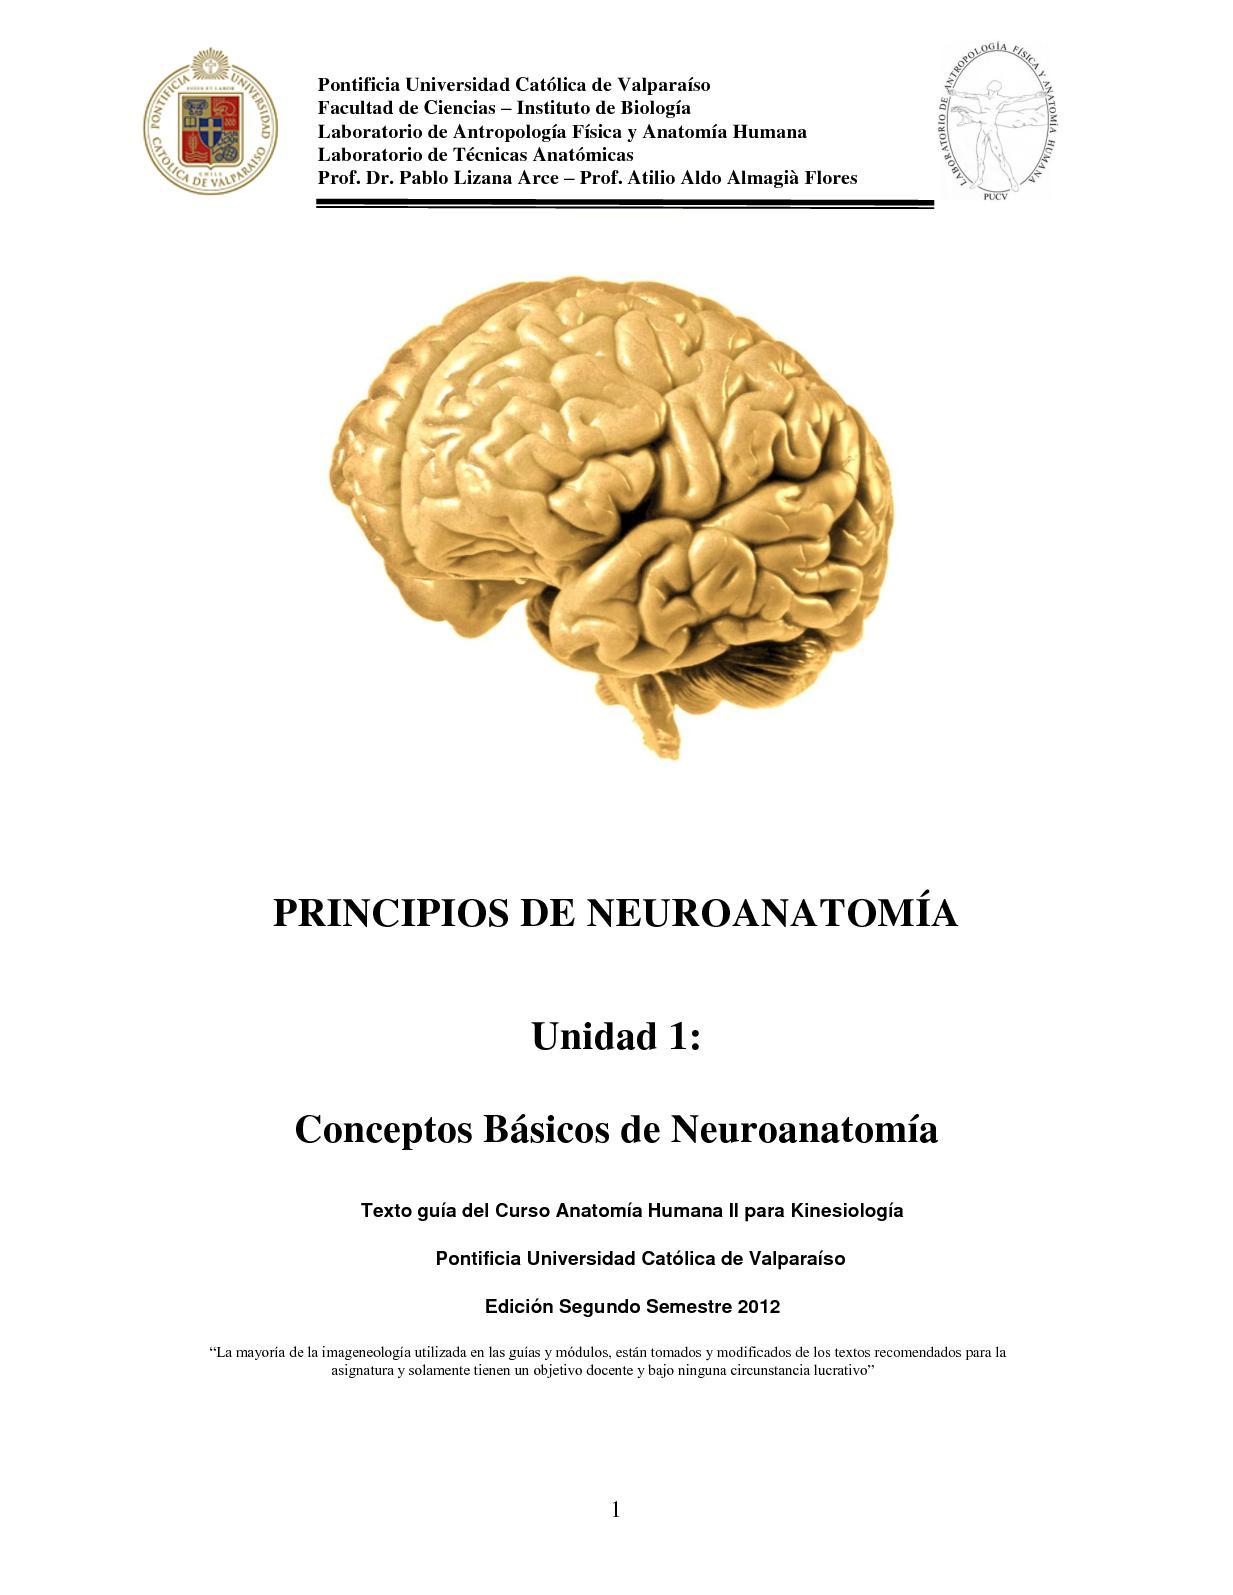 Calaméo - Conceptos Básicos De Neuroanatomía